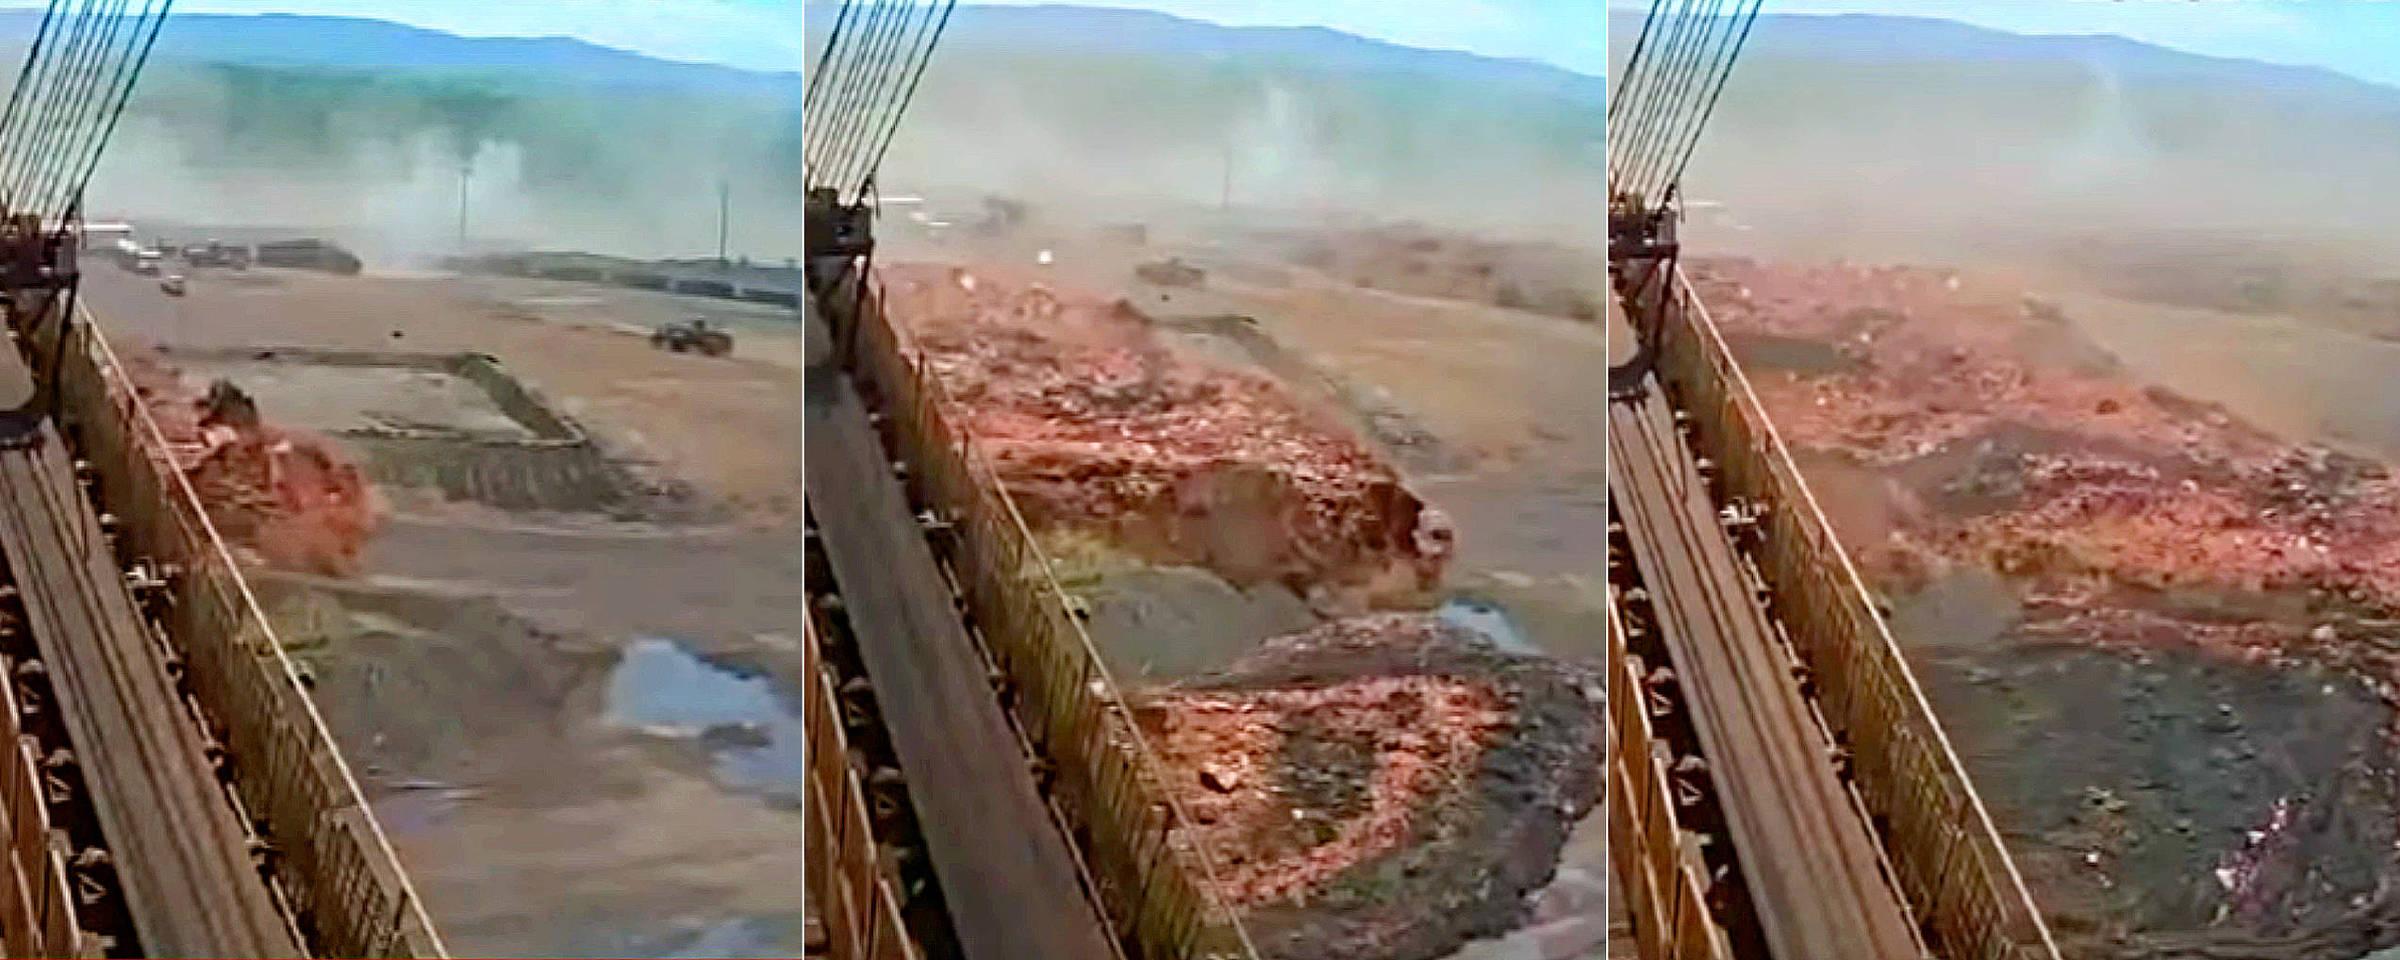 Vídeo mostra momento exato do rompimento da barragem em Brumadinho